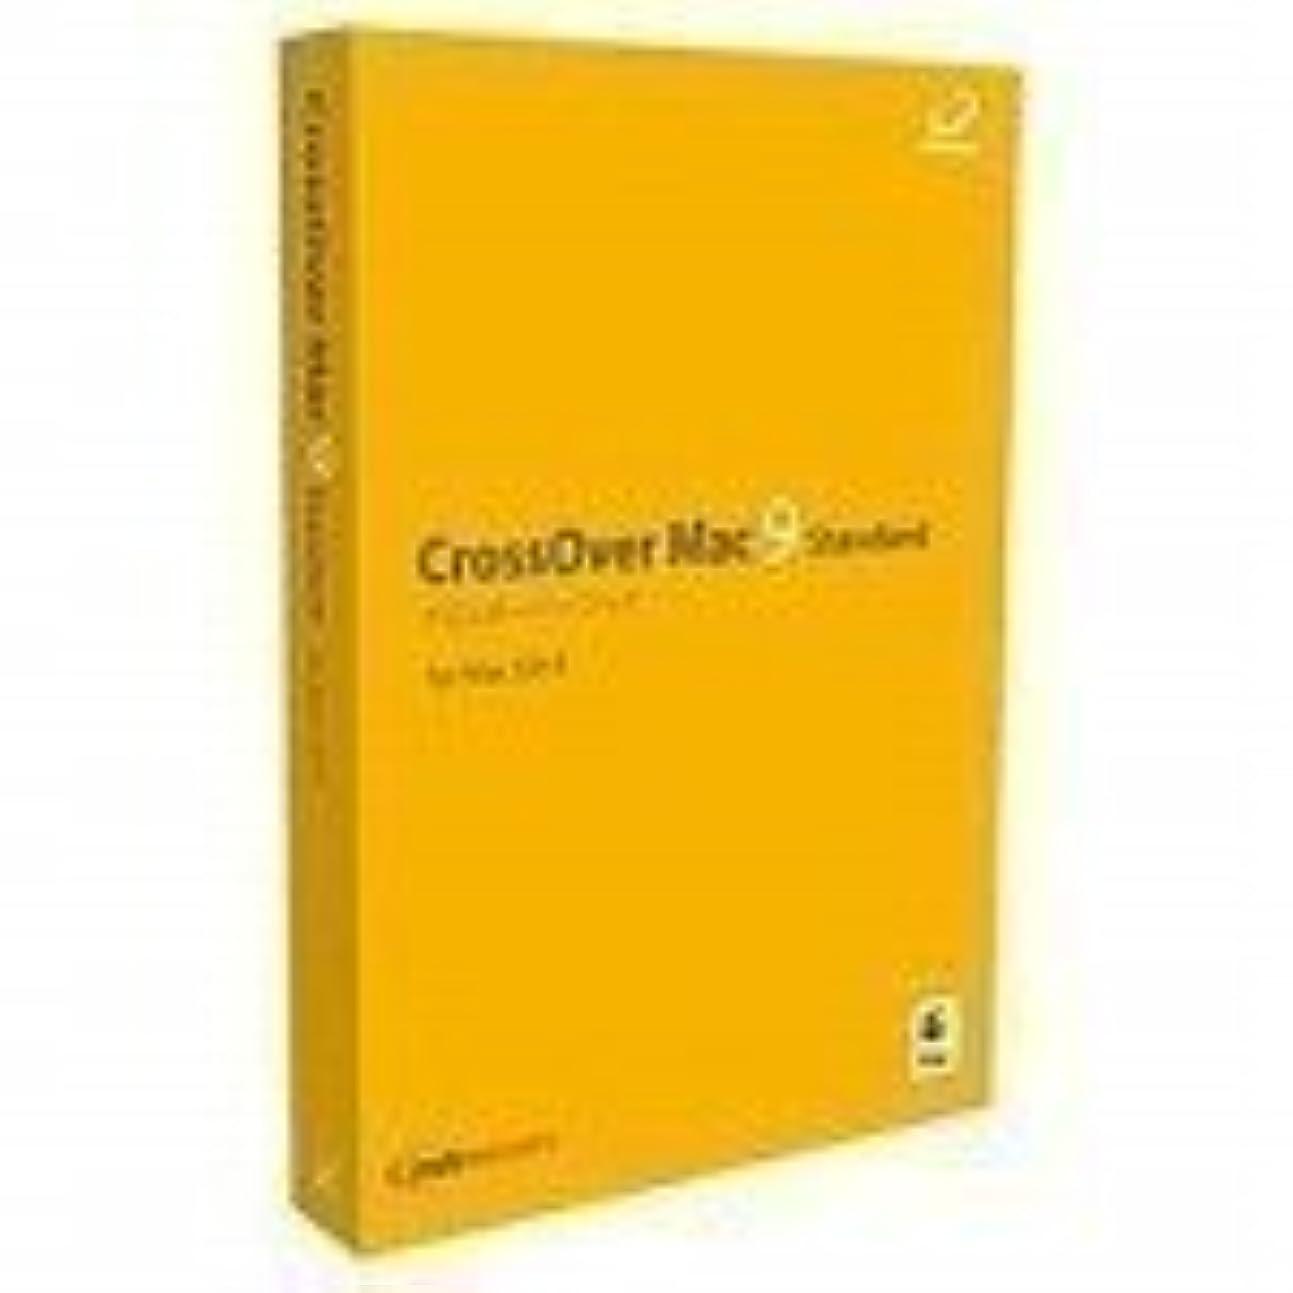 磁石ギャングスター論争CrossOver Mac 9 Standard(シングルライセンス)